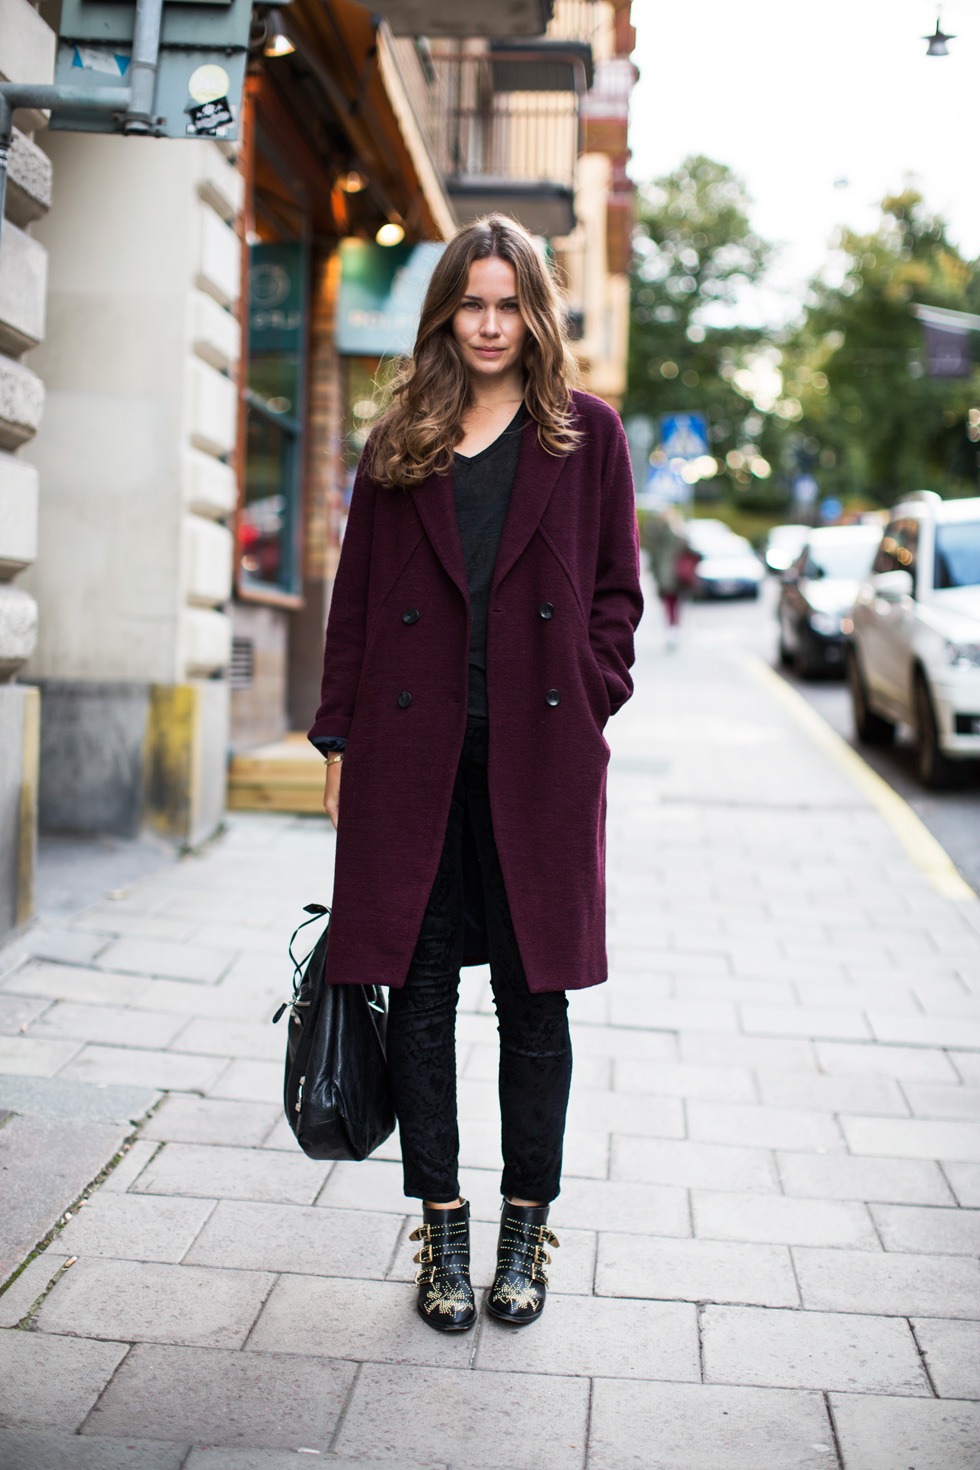 Один из стильных и элегантных вариантов верхней одежды в этом цвете – бордовое пальто